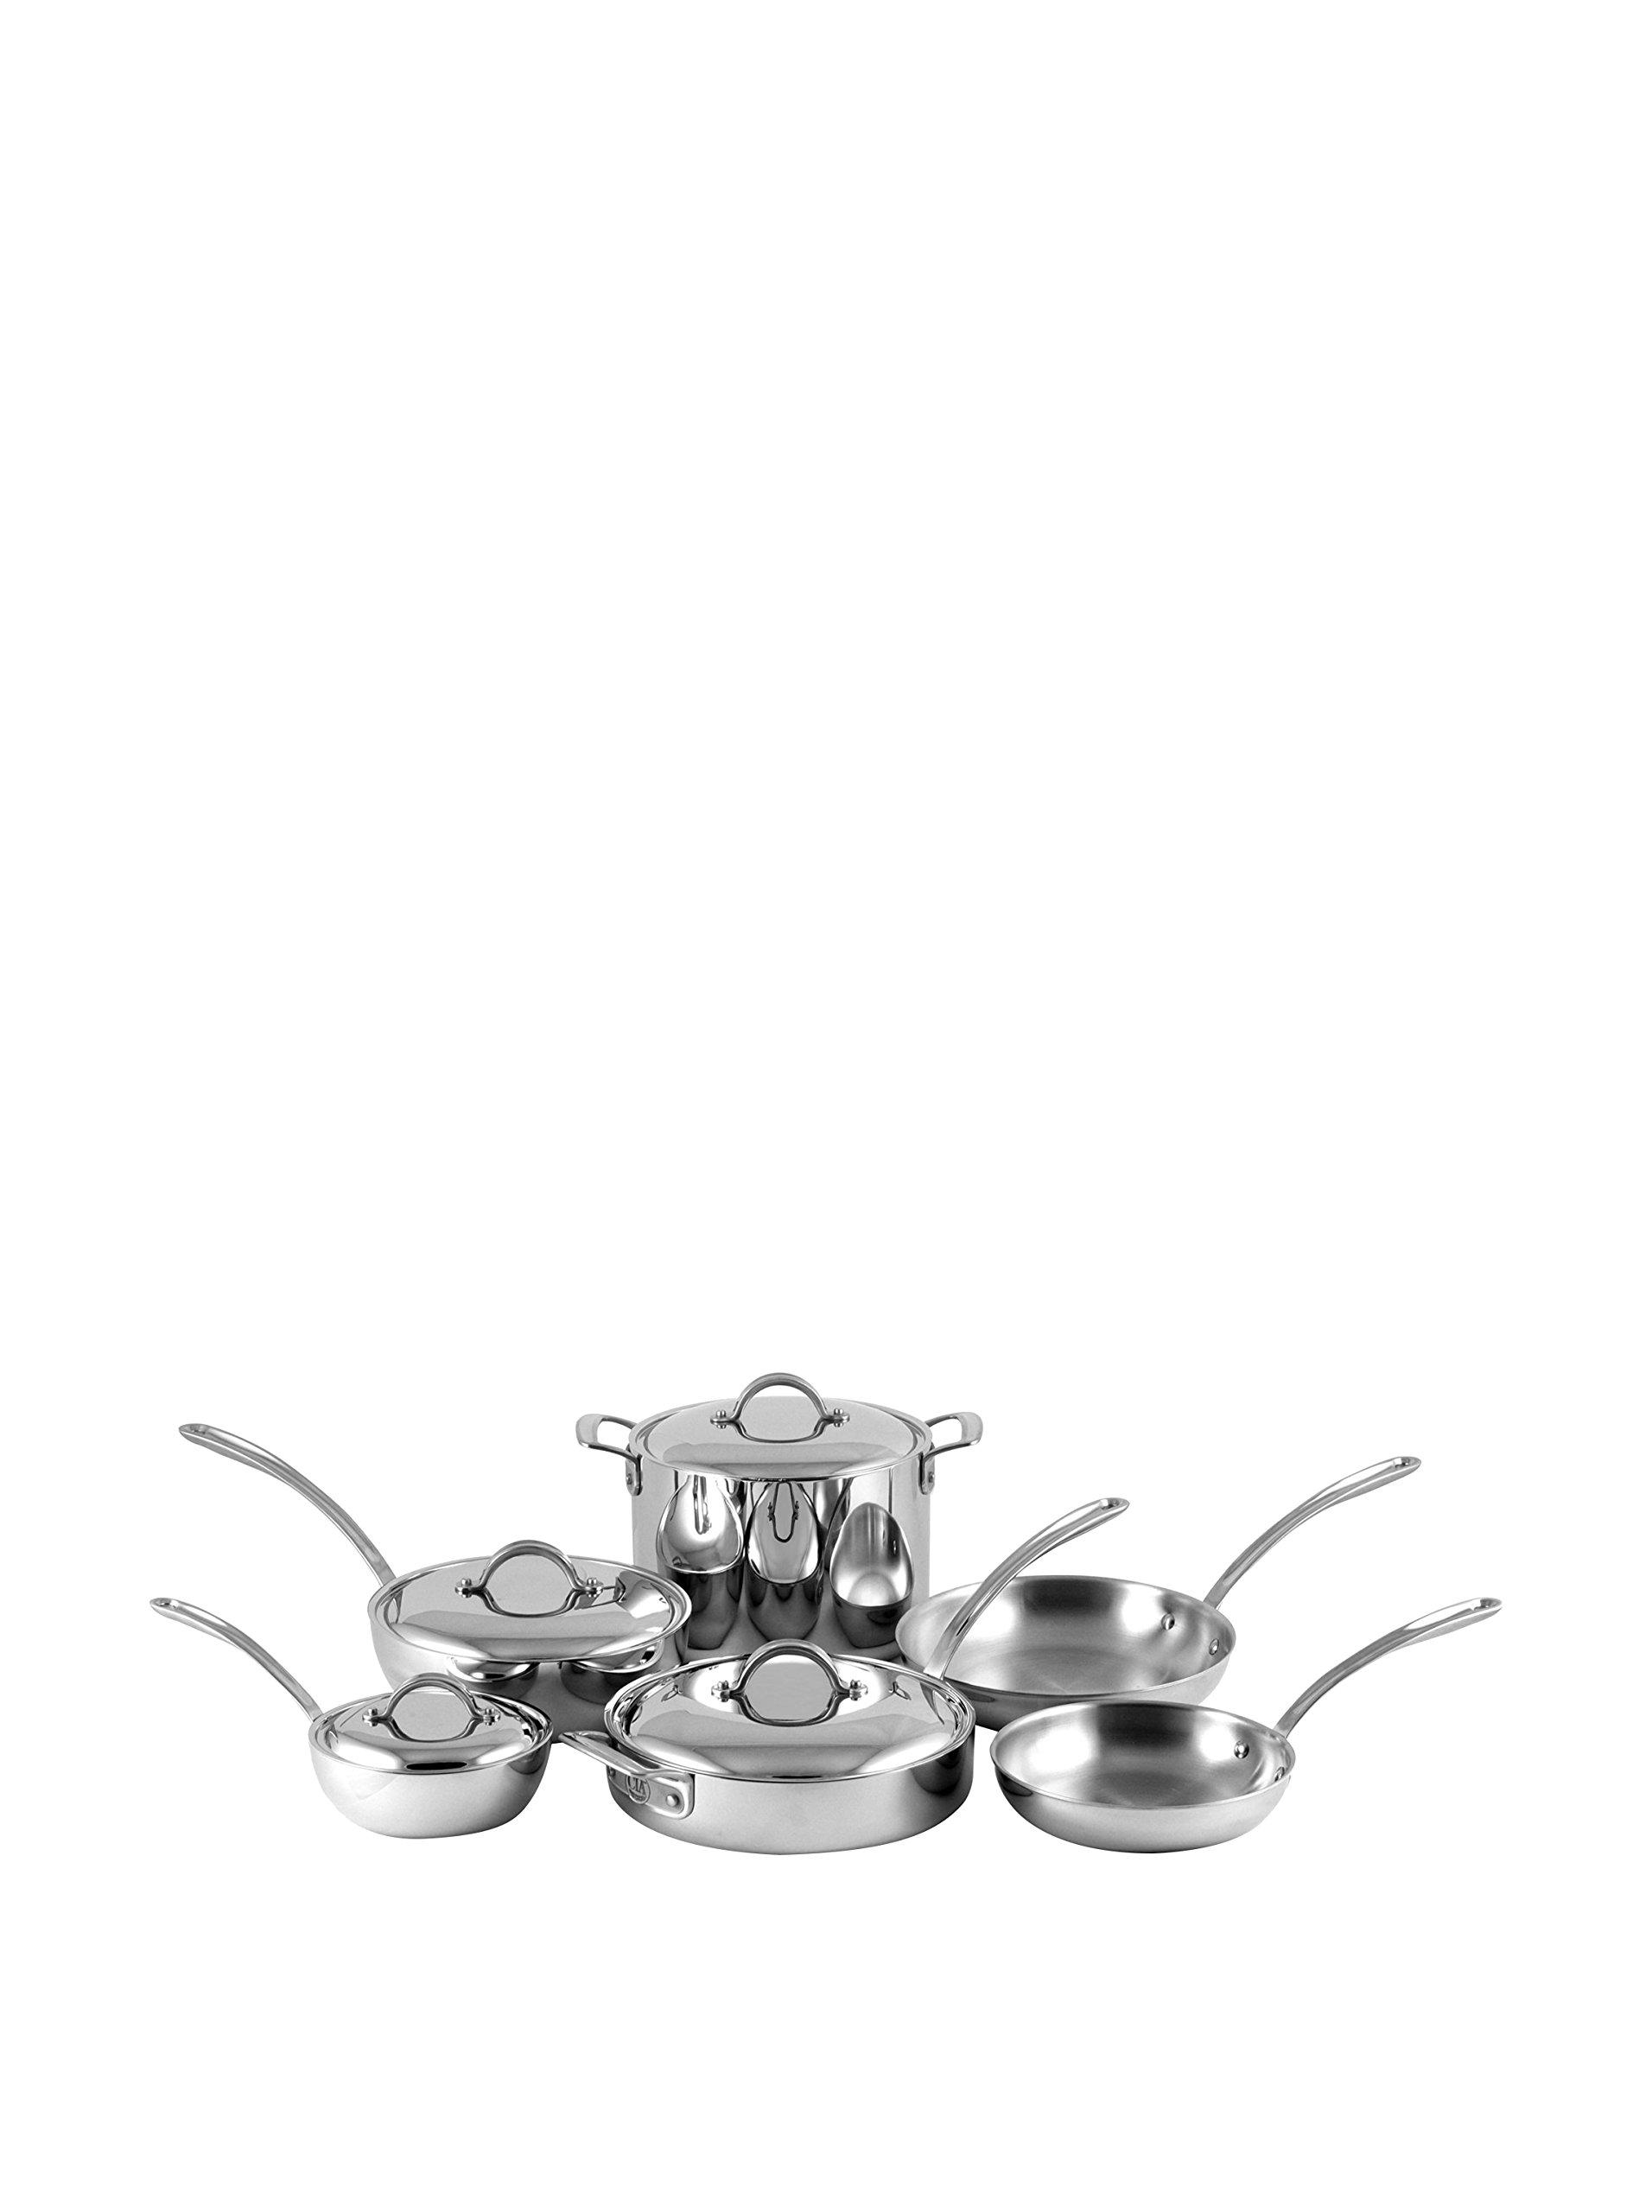 Culinary Institute of America 10-Piece Cookware Set